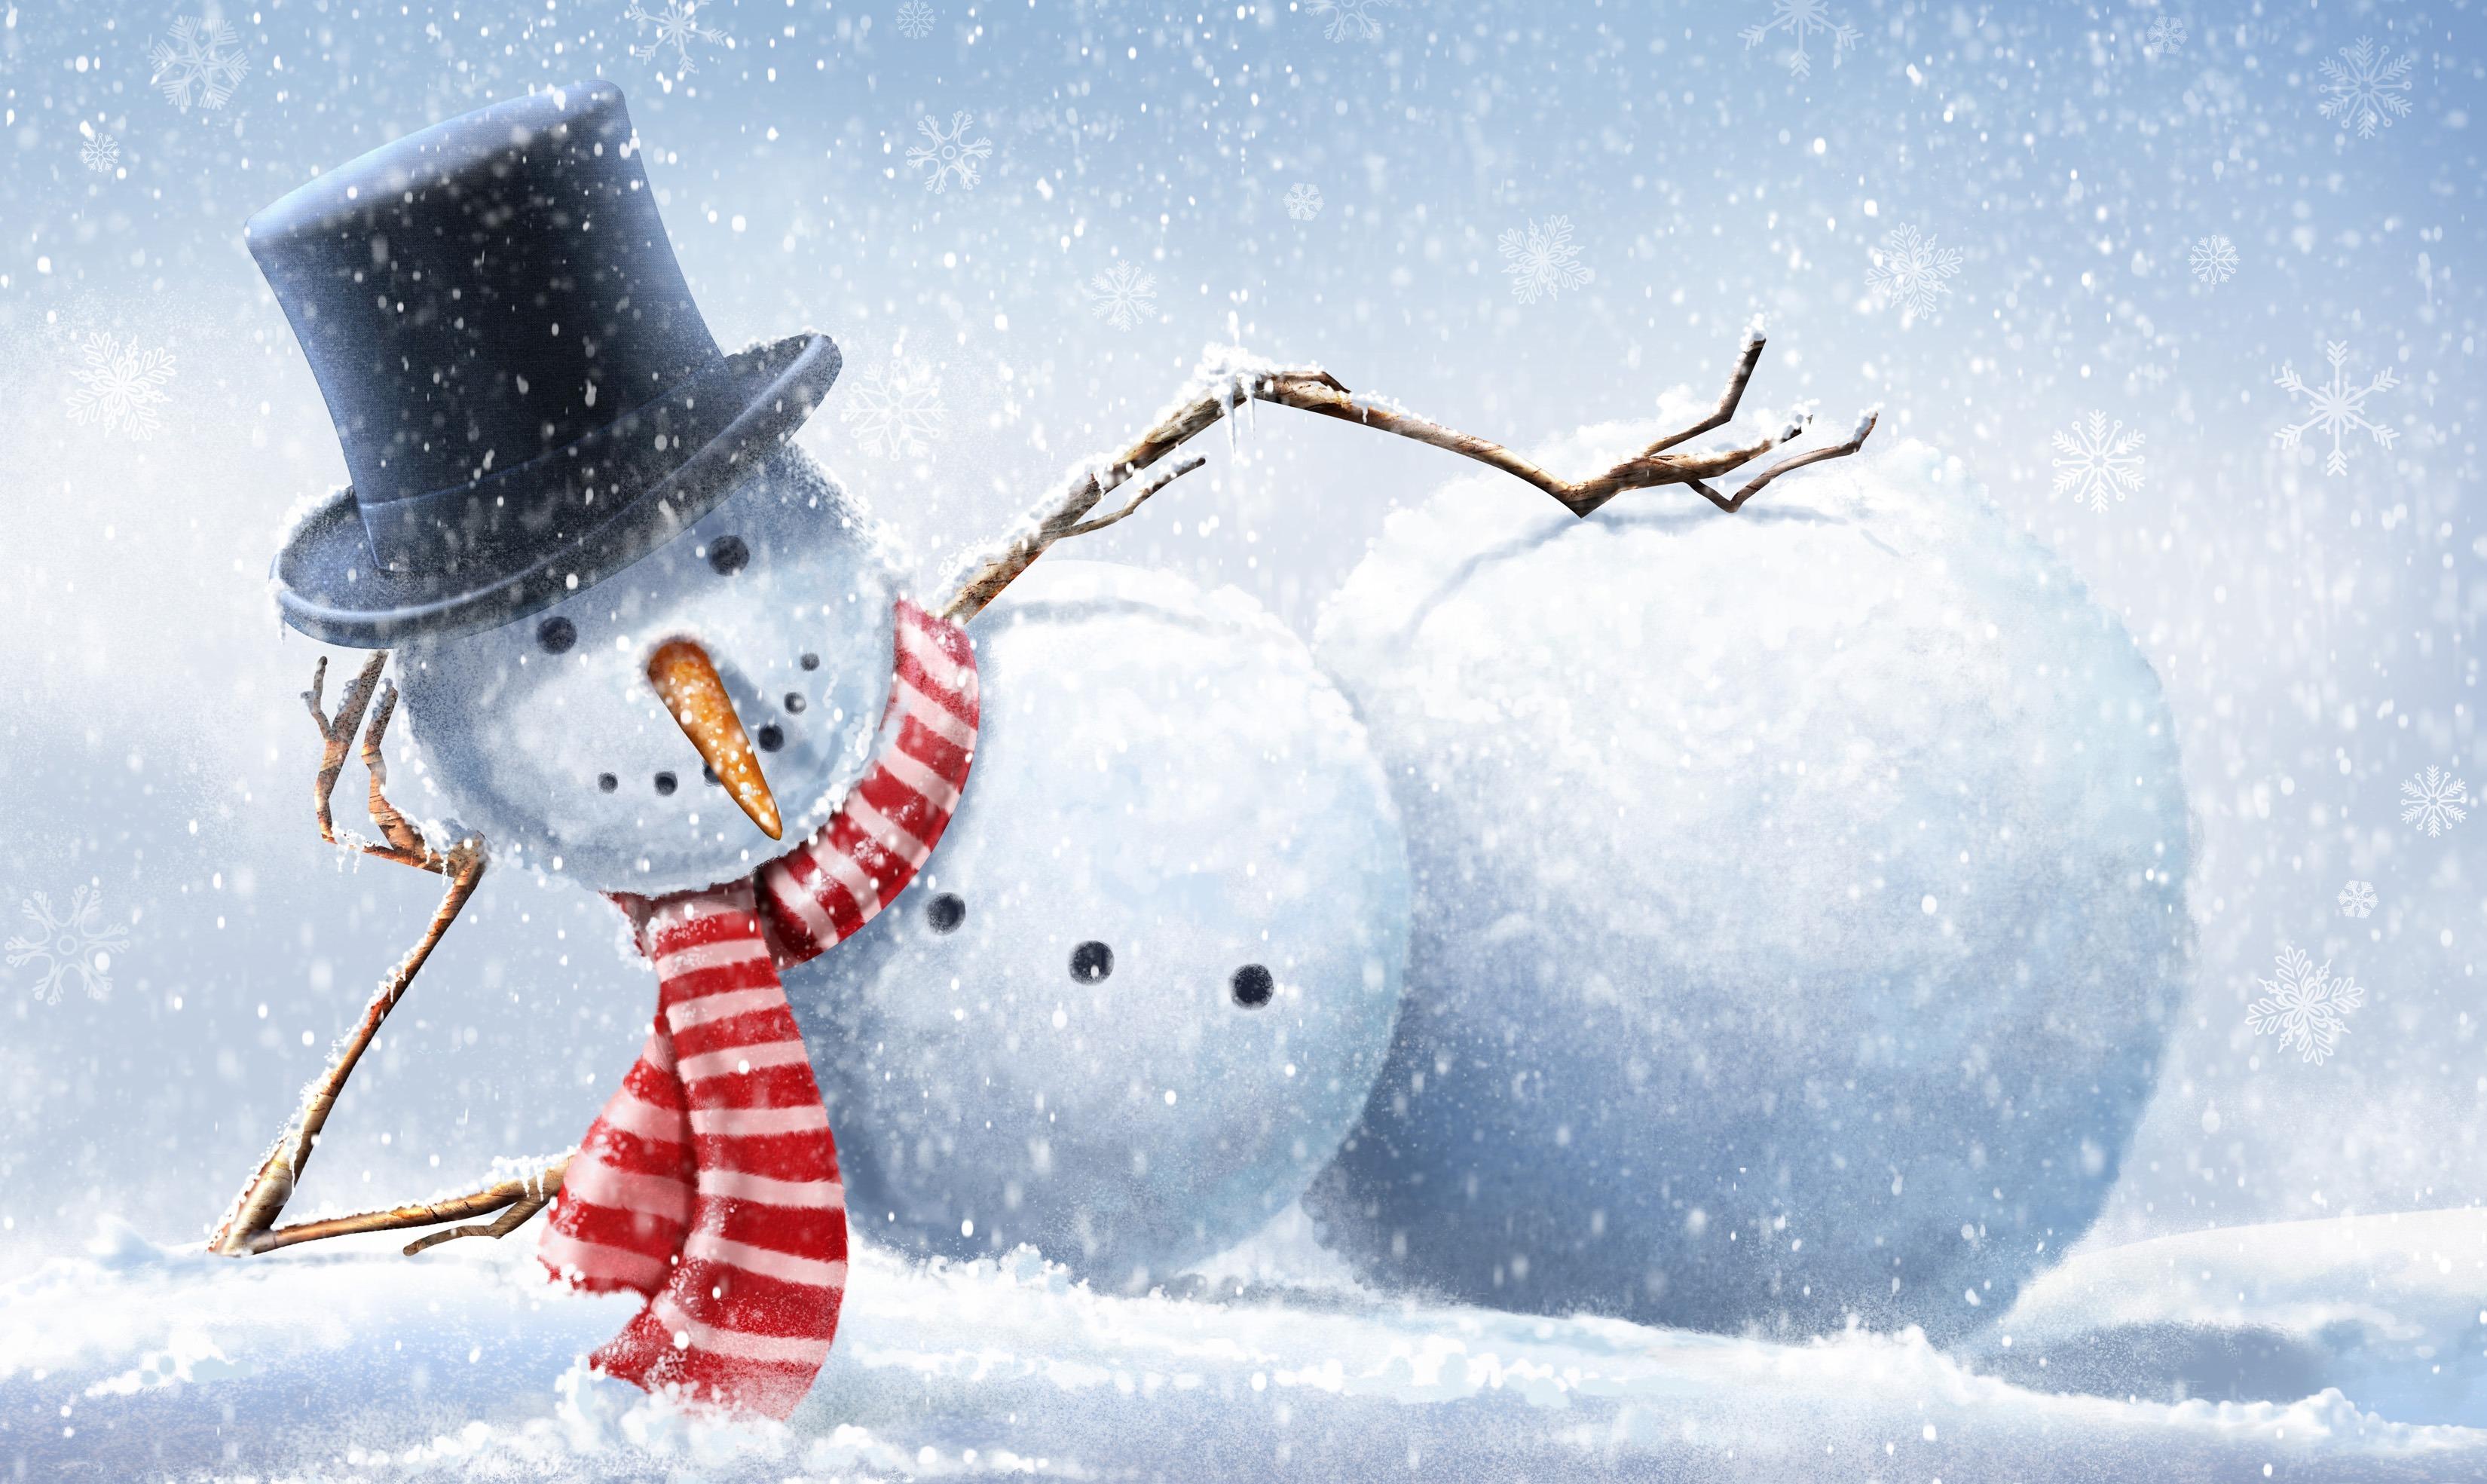 снеговик рождество улыбка снег загрузить